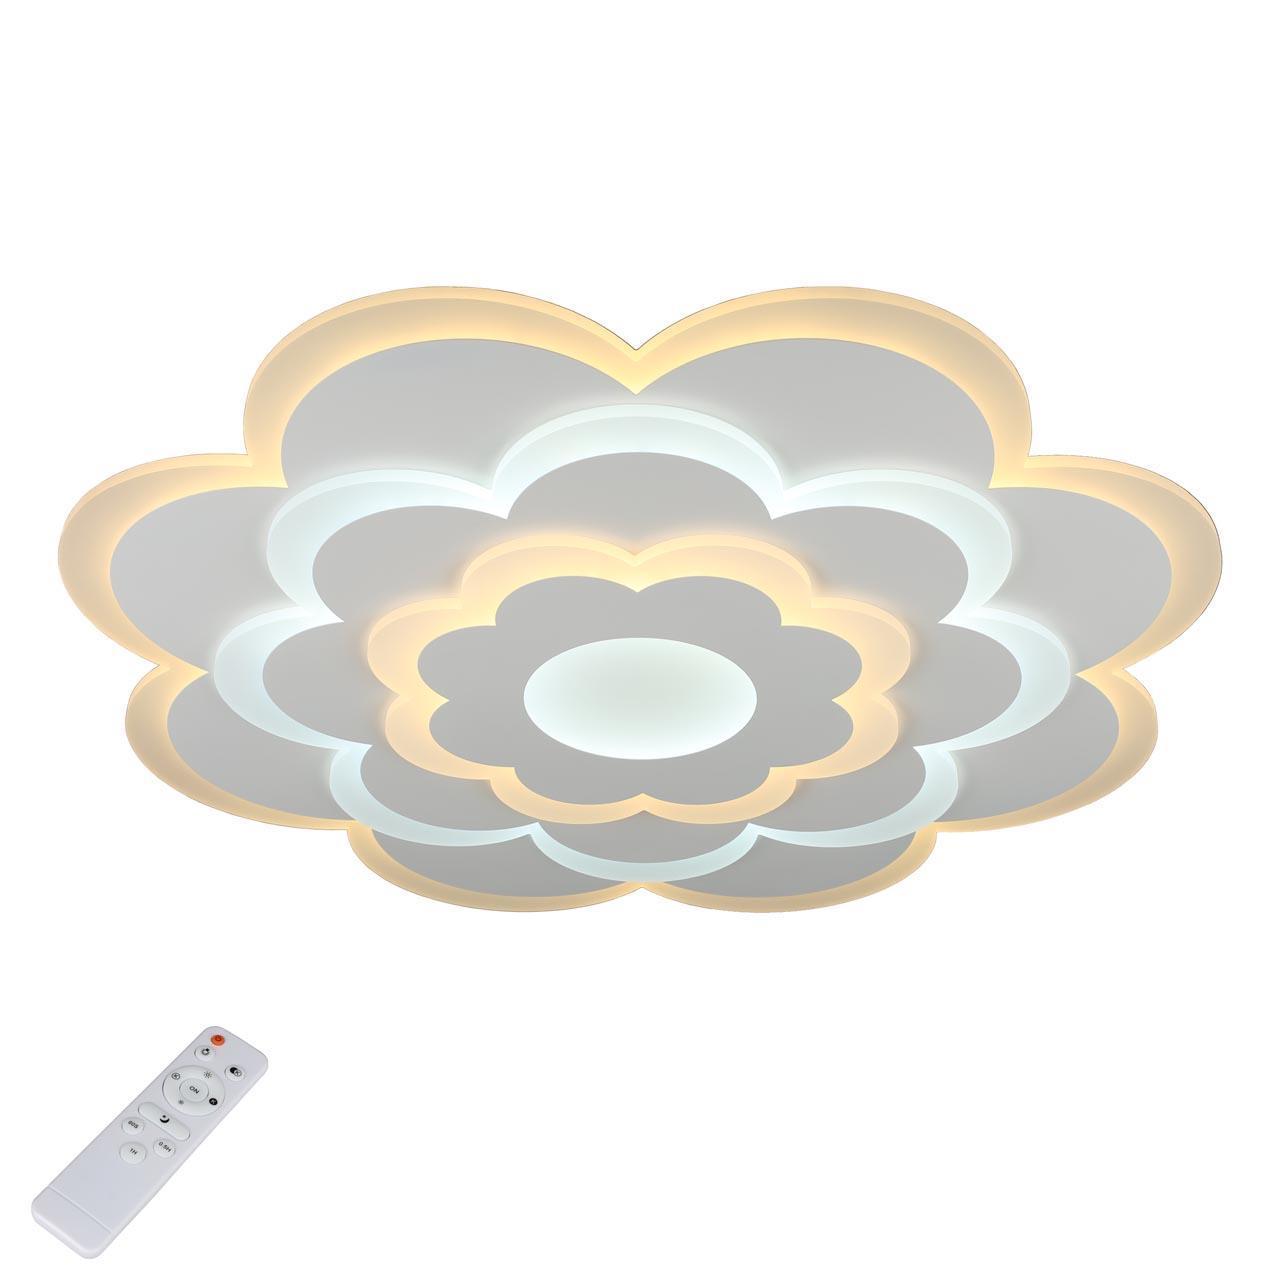 Потолочный светодиодный светильник с пультом ДУ Omnilux Granarola OML-05107-120